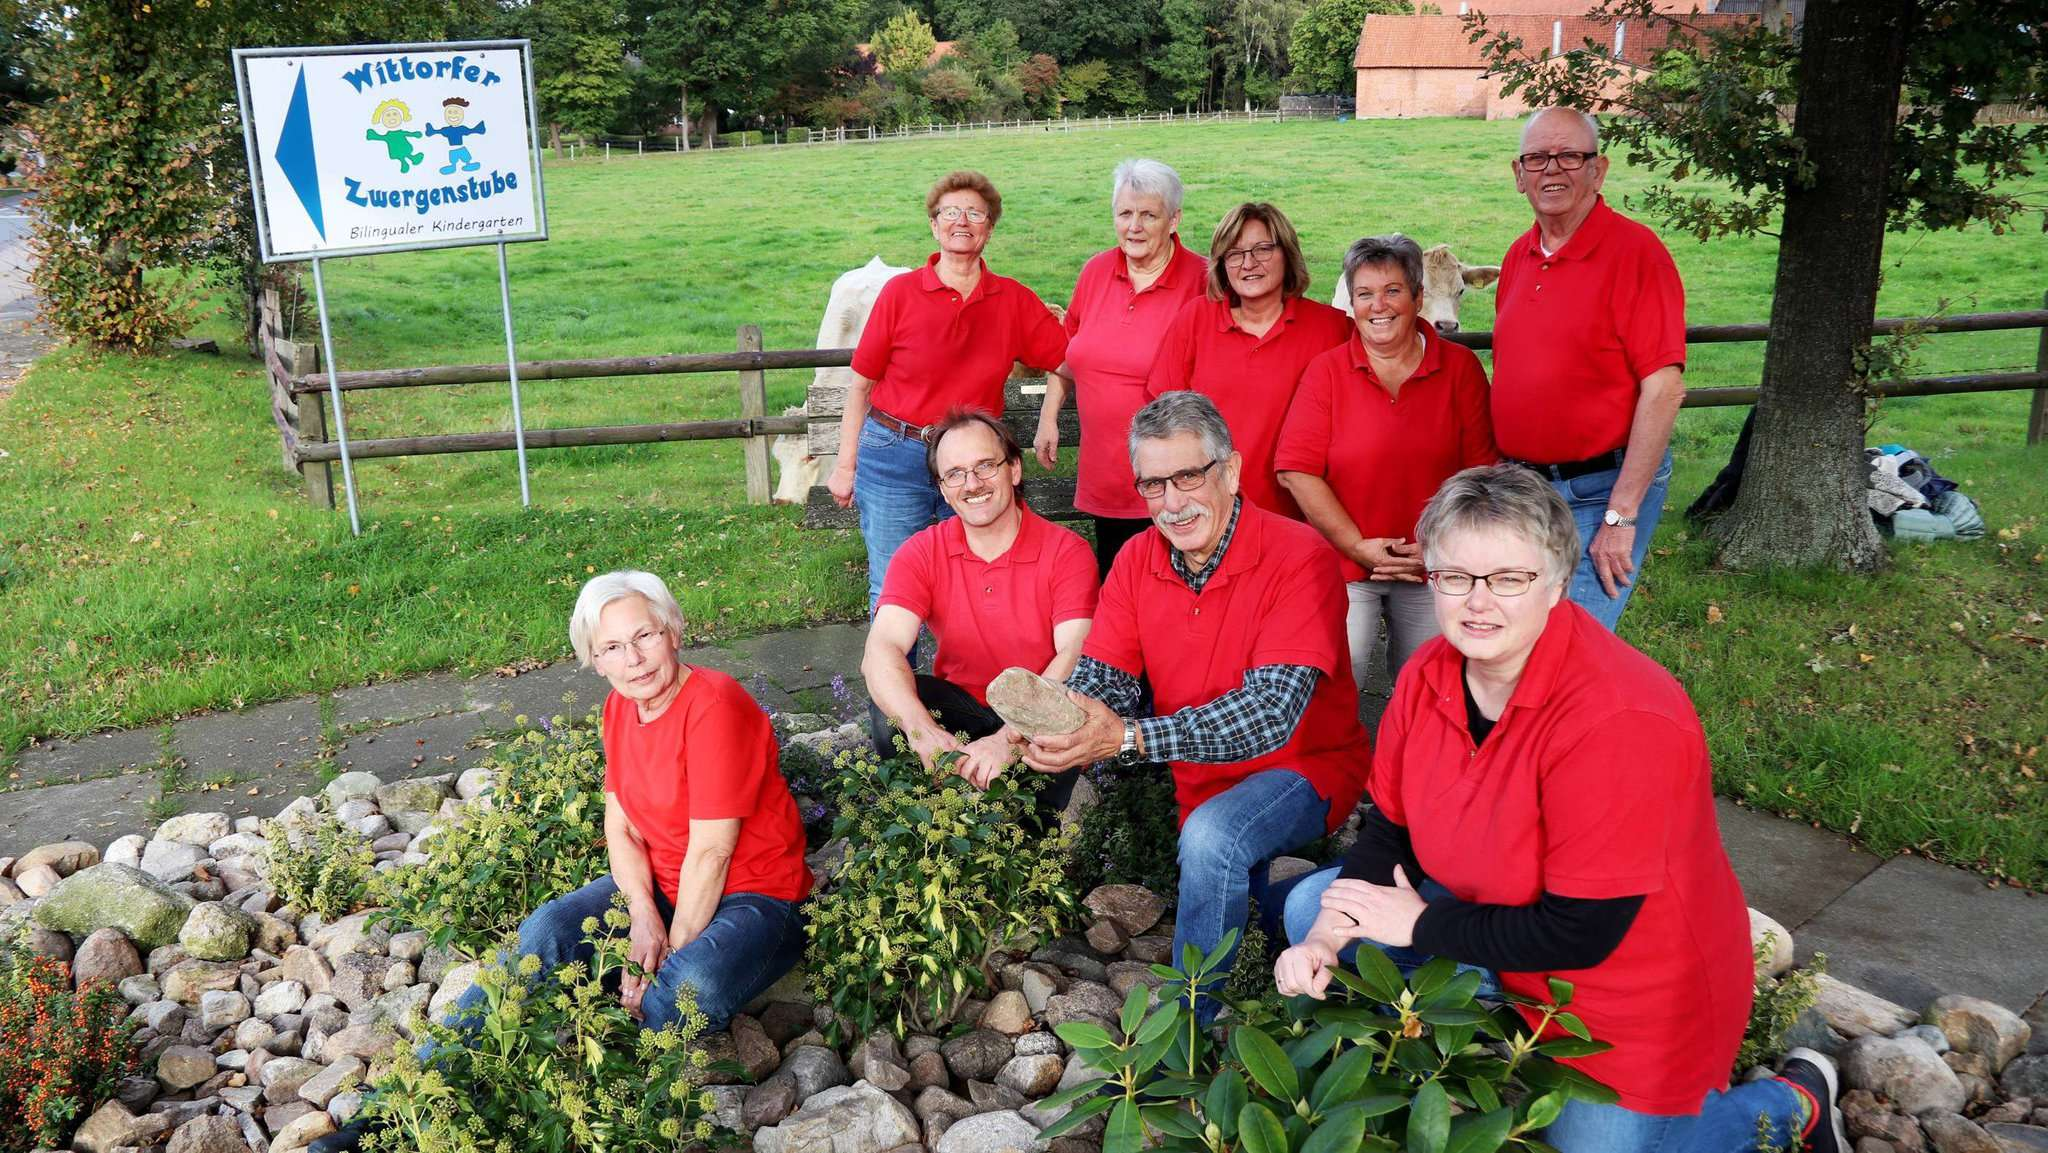 Angelika Kuhlke (von links), Else Lünsmann, Harald Voss, Ingrid Tatje, Alfred Bittner, Erika Bittner, Marion Dittmer, Kerstin Voss und Werner Lünsmann engagieren sich für den Ort. In diesem Jahr ging es um ein Blumenbeet und das Schild für die